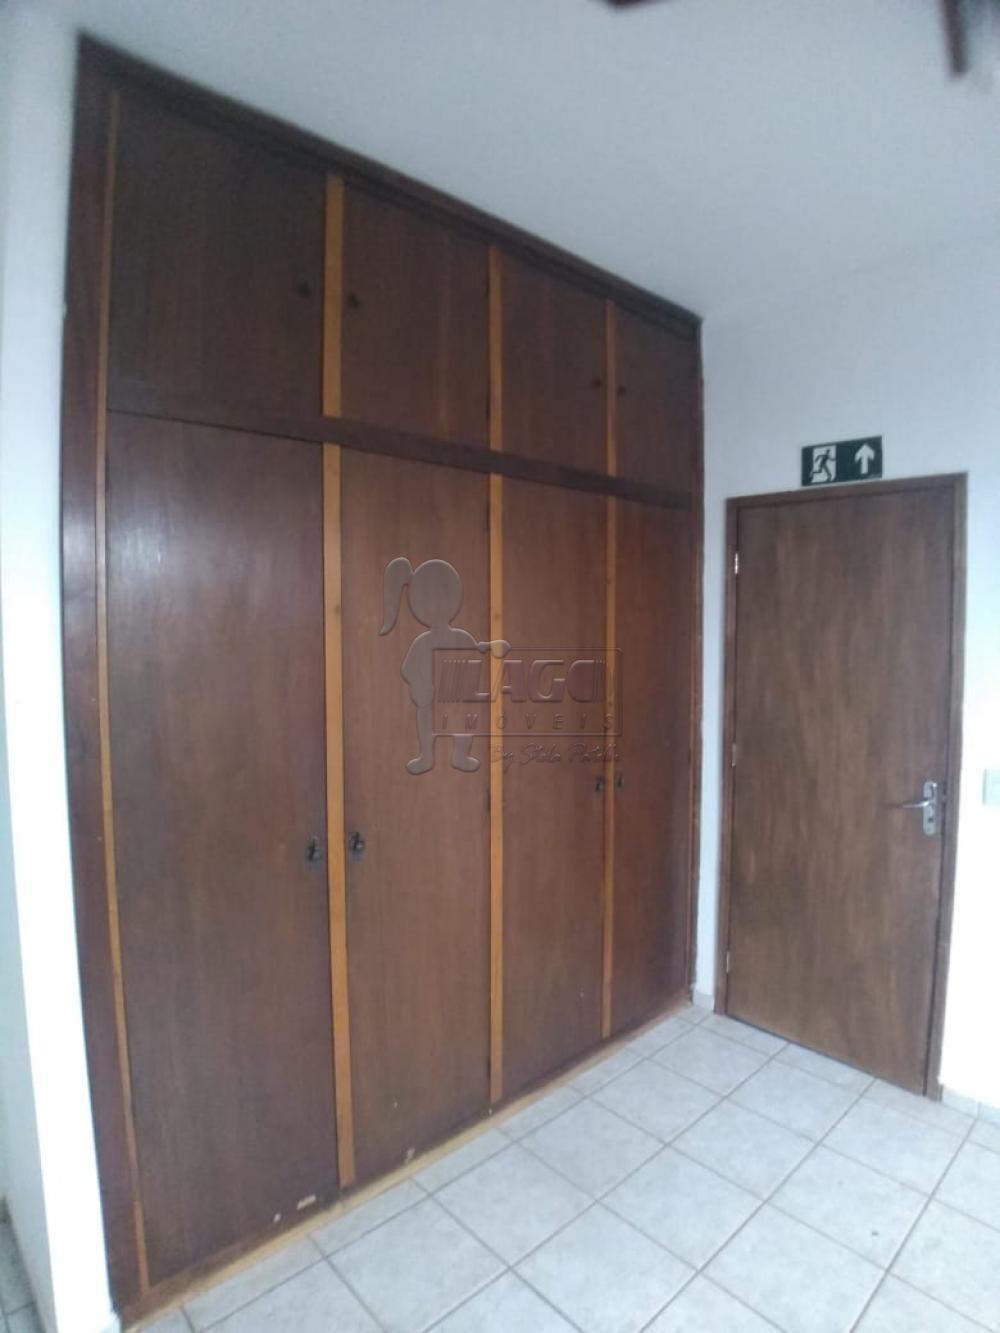 Alugar Comercial / Imóvel Comercial em Ribeirão Preto apenas R$ 3.000,00 - Foto 23